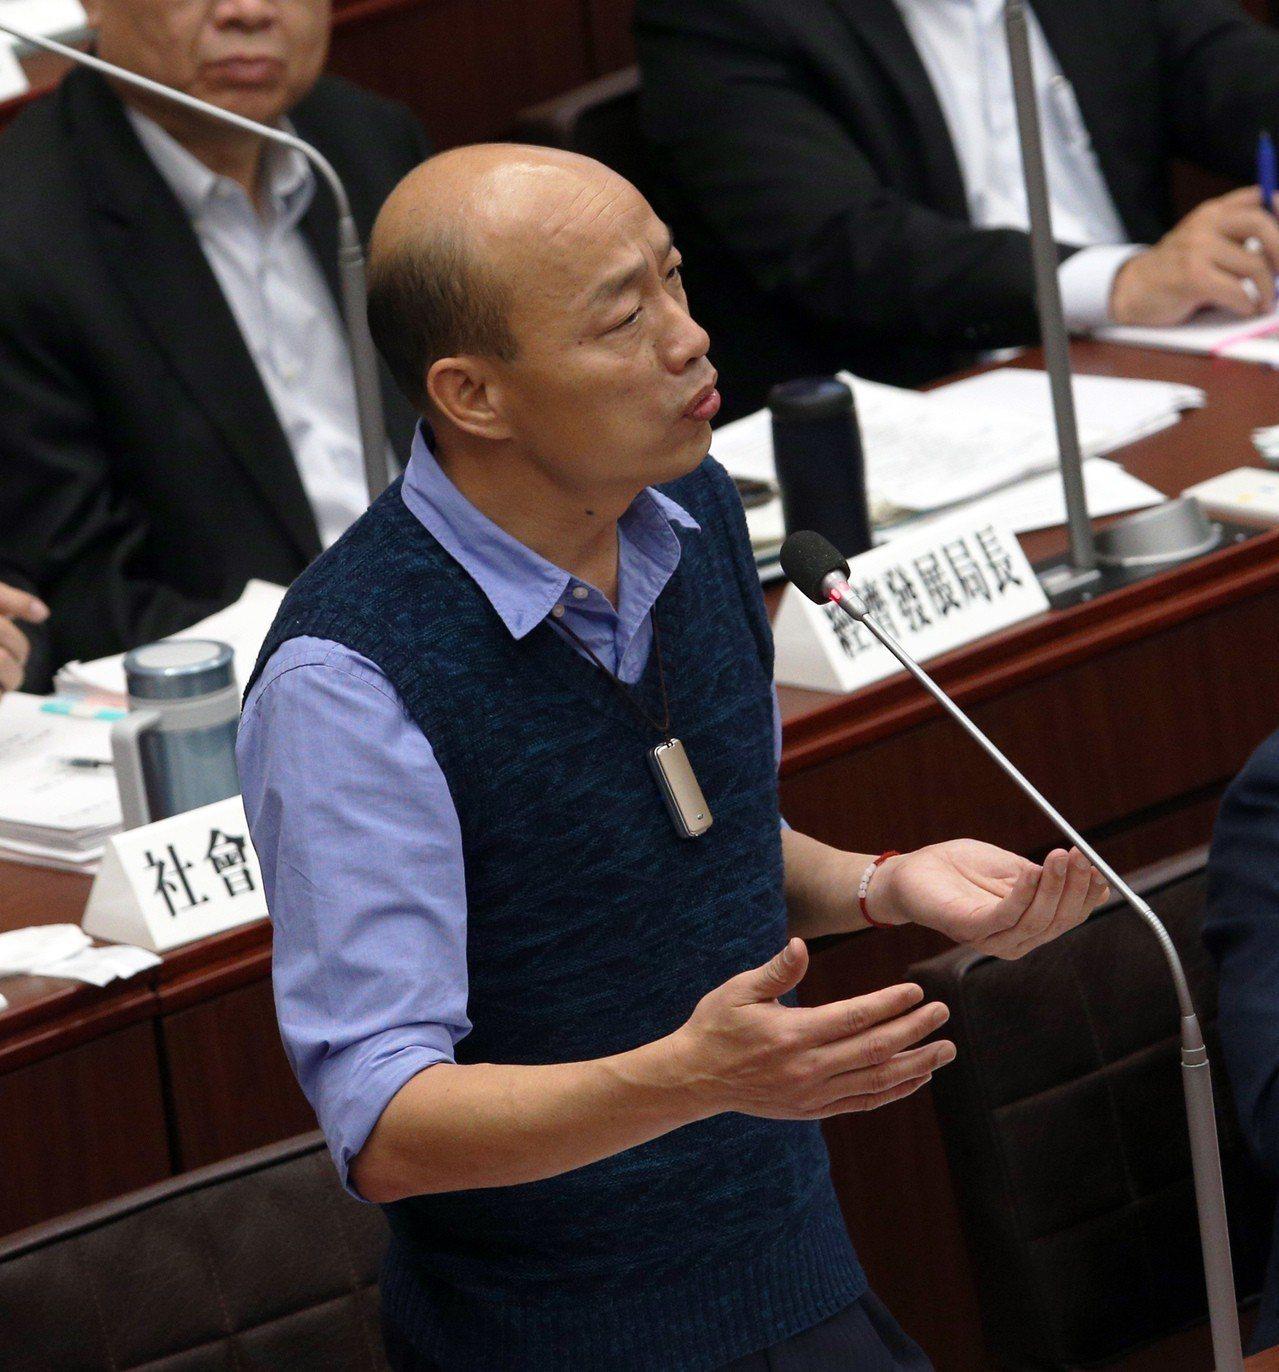 高雄市長韓國瑜這個月和下個月夜宿都要更貼近弱勢基層。記者劉學聖/攝影